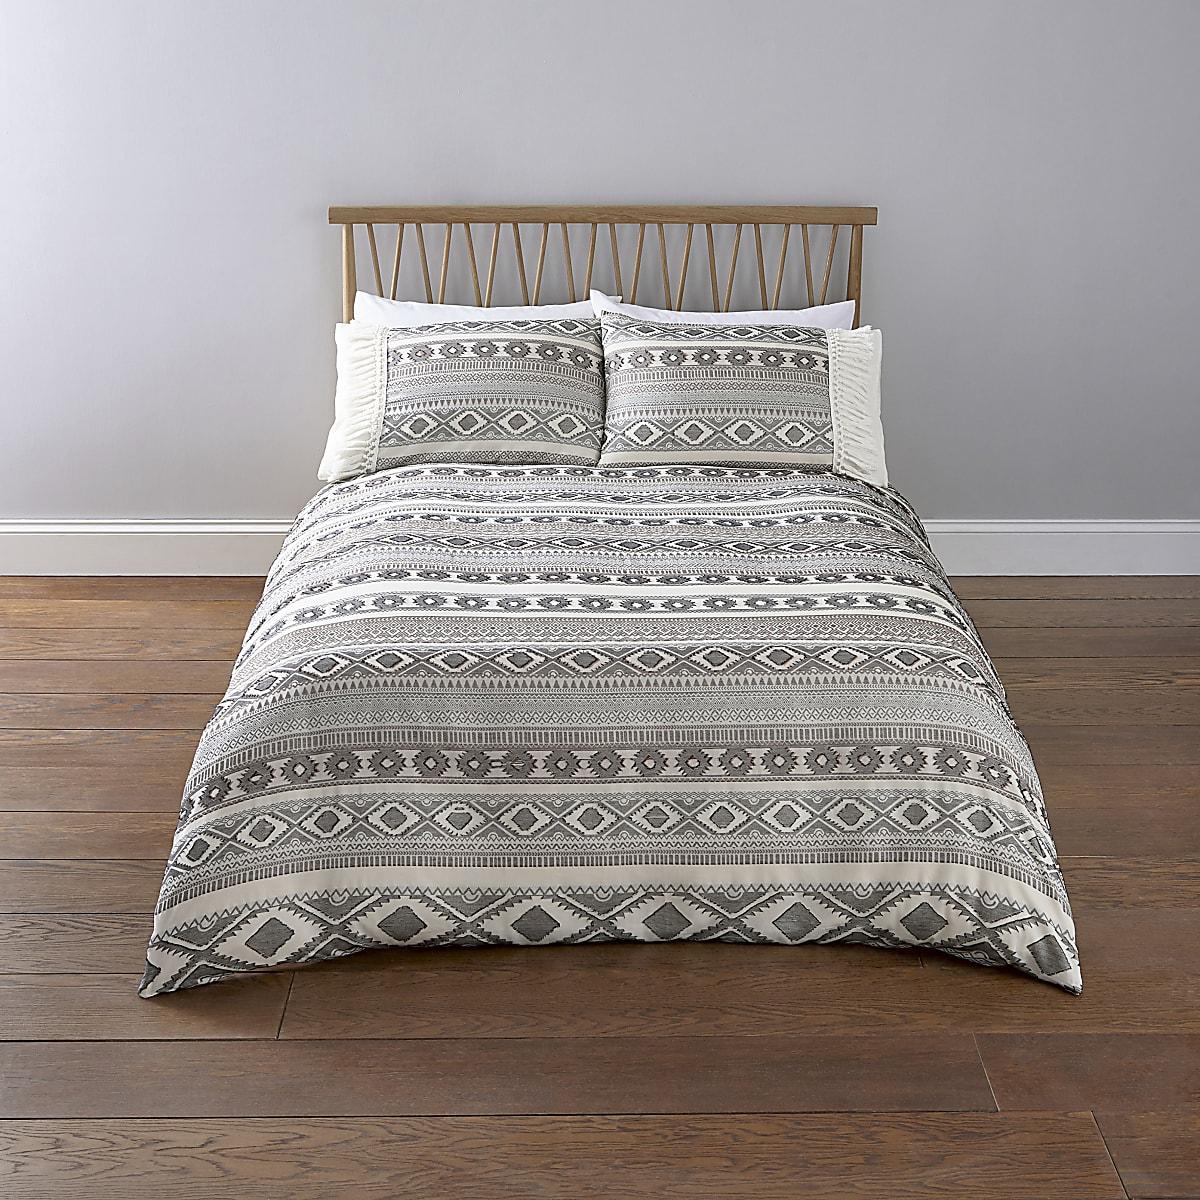 Cream Aztec jacquard double duvet bed set